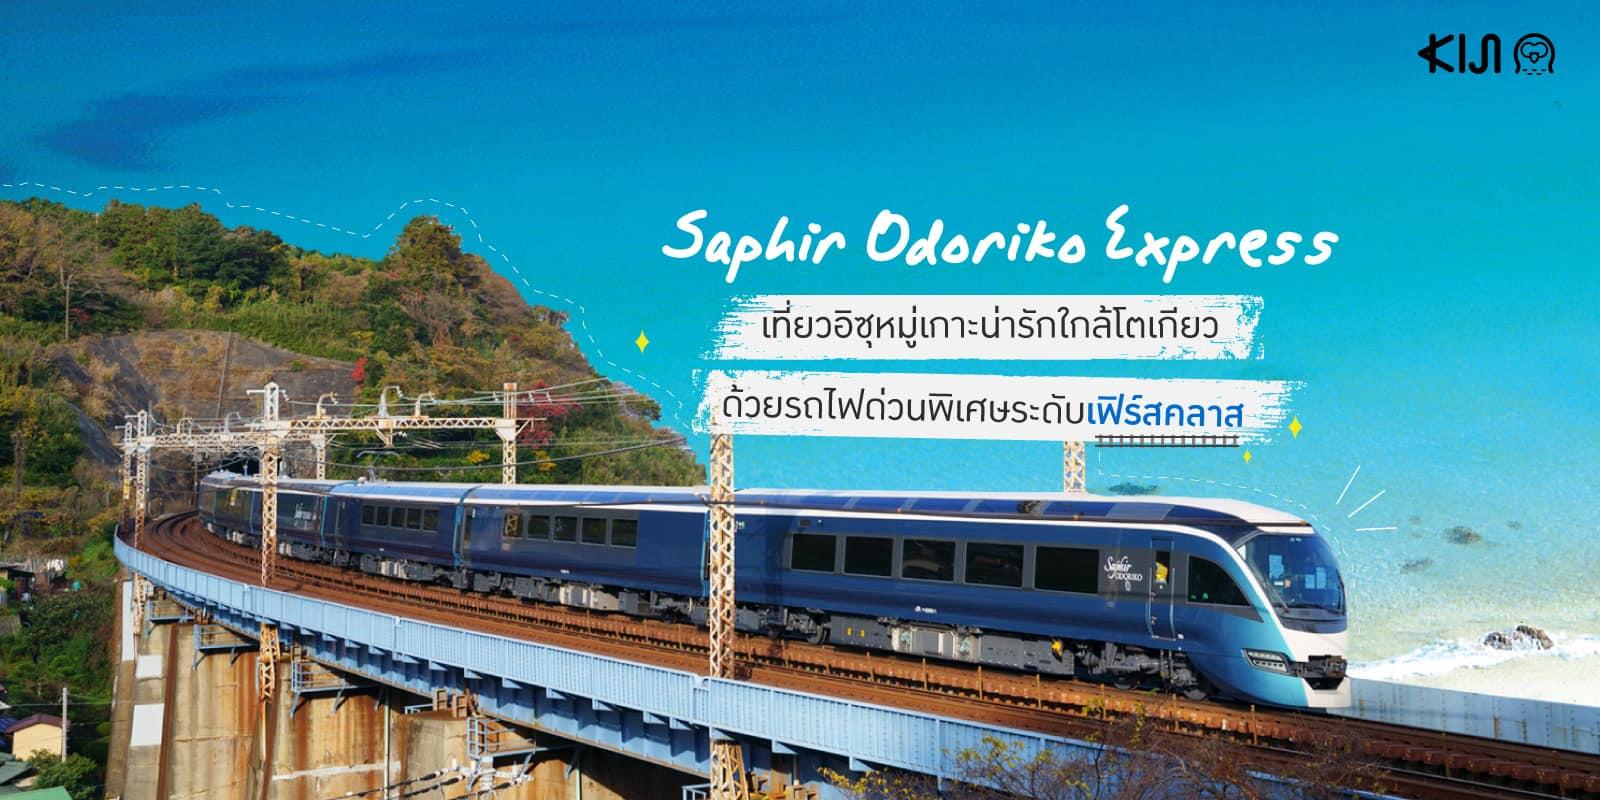 รถไฟ Saphir Odoriko Express เที่ยวชิซูโอกะ